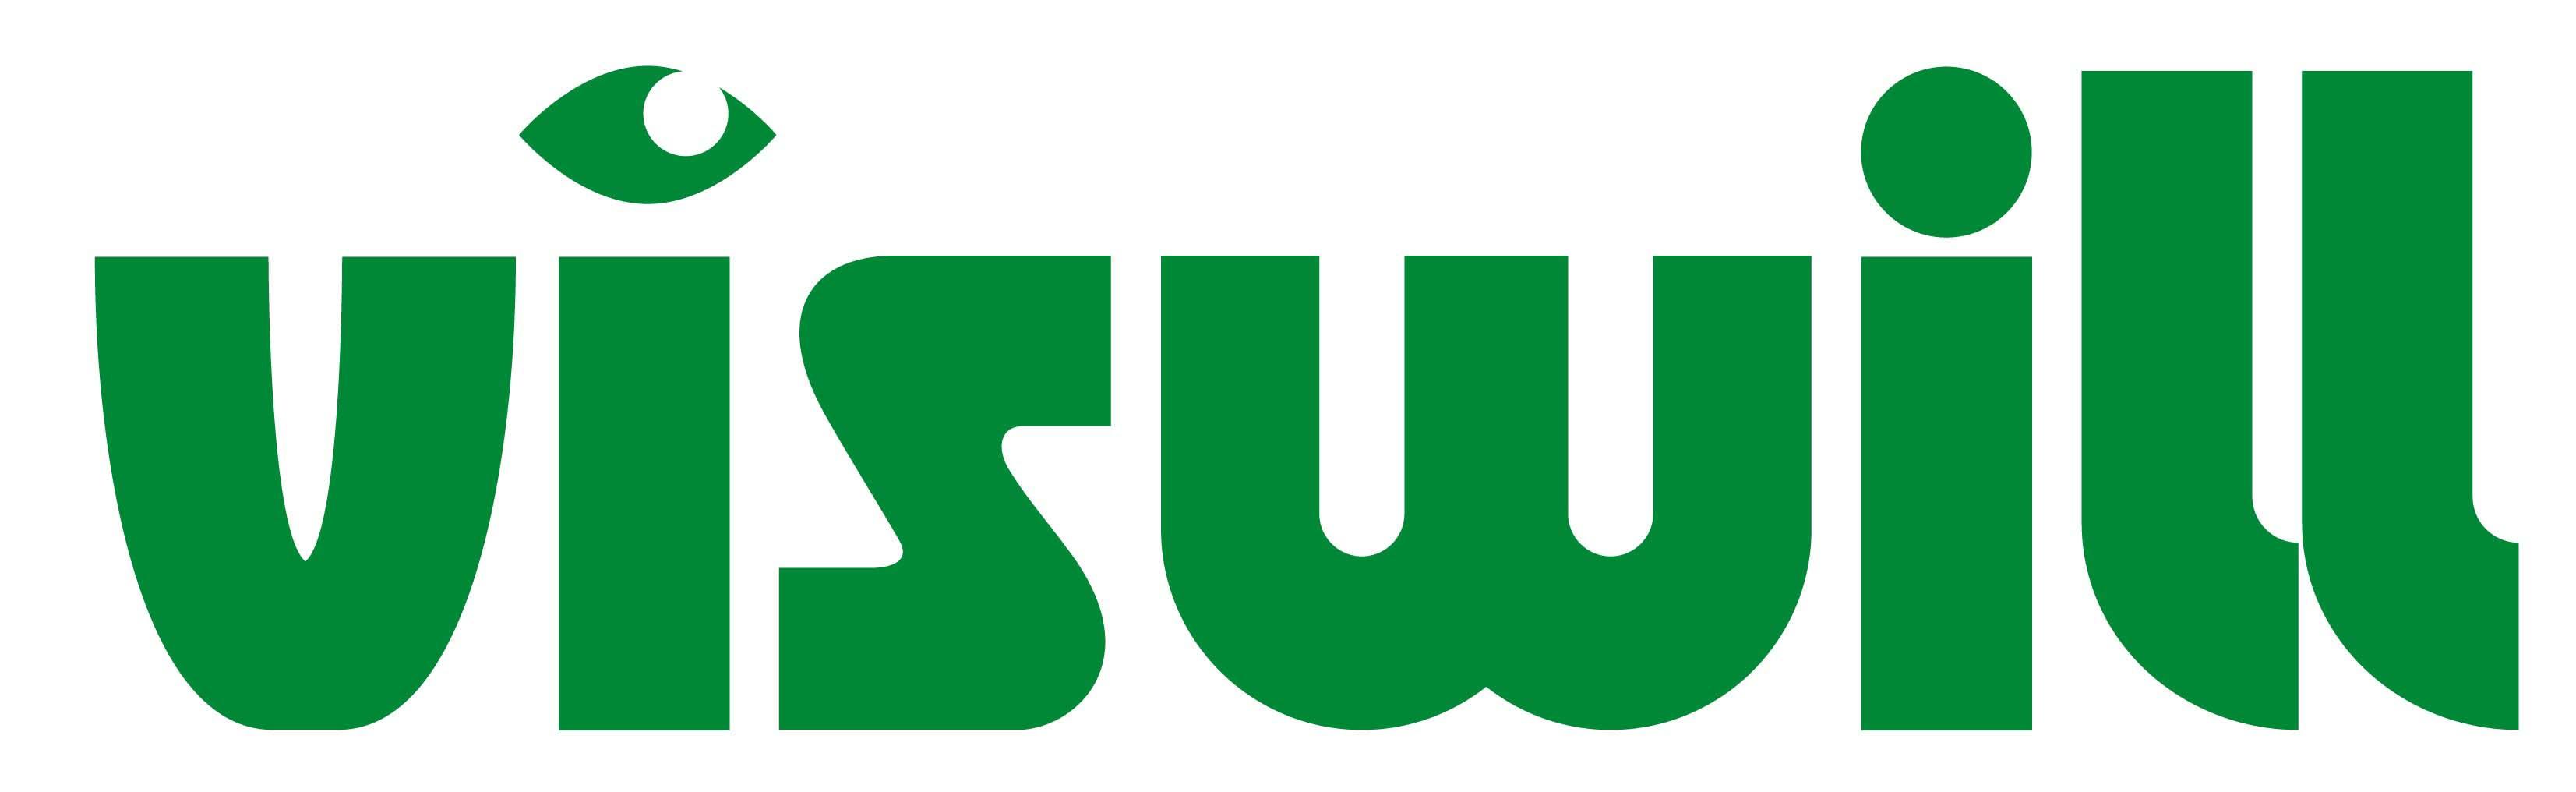 第一実業ビスウィル株式会社